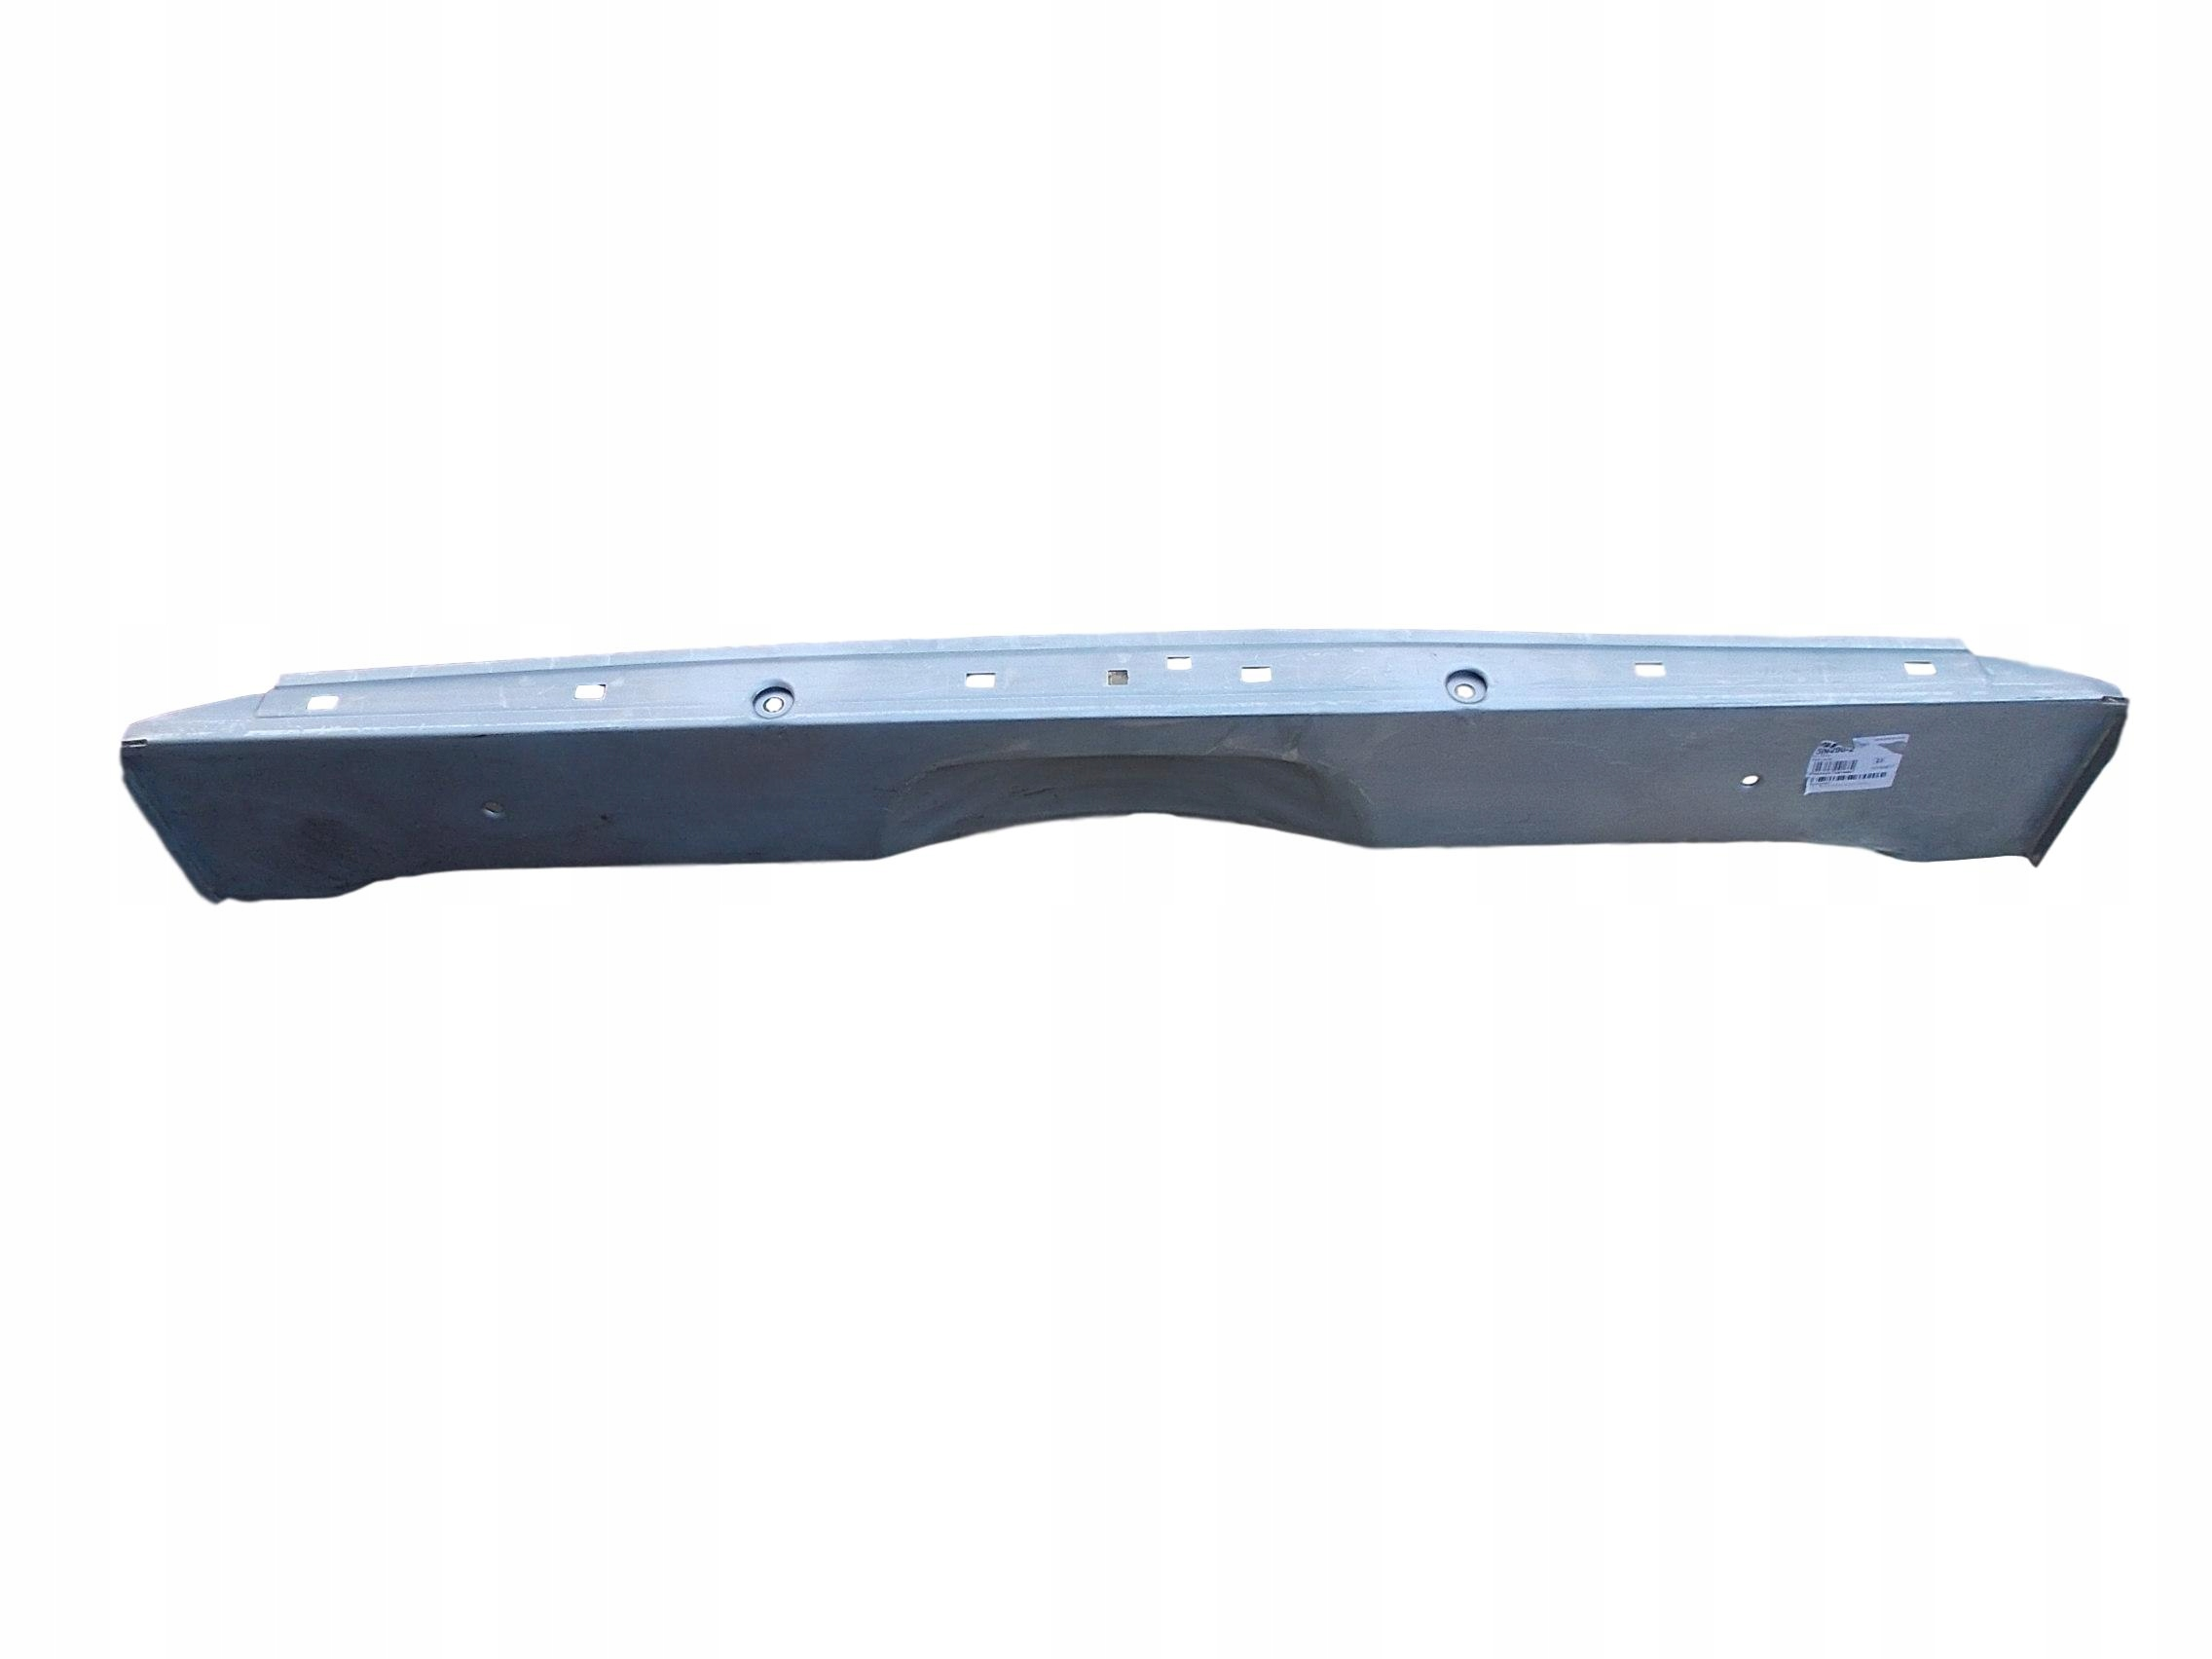 reperaturka пояса  пояс задняя панель  sprinter  vw lt  новые